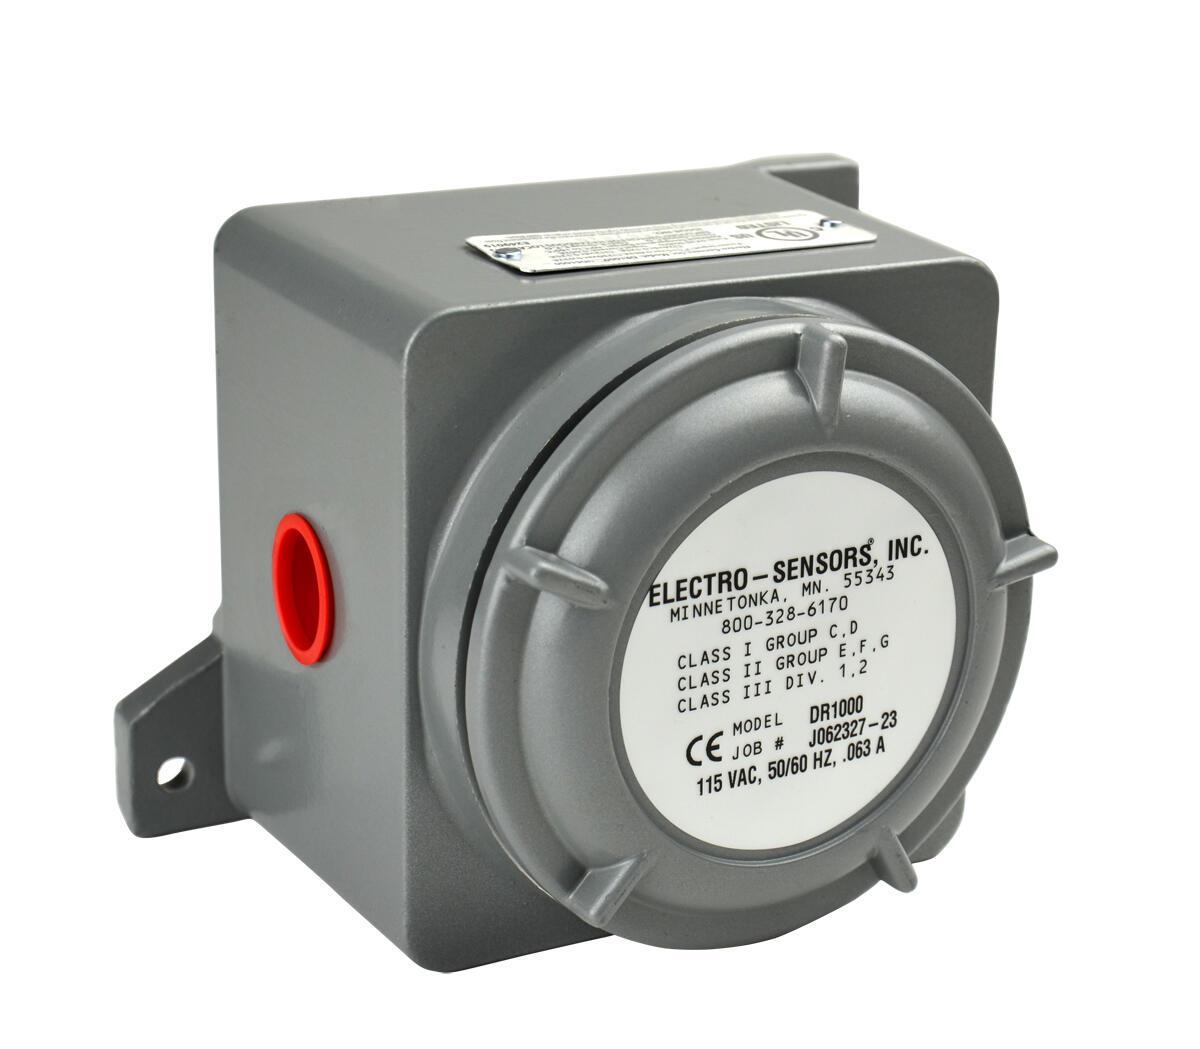 TT420Z, AP1000 STD Bộ mã hóa encode Electro-sensors